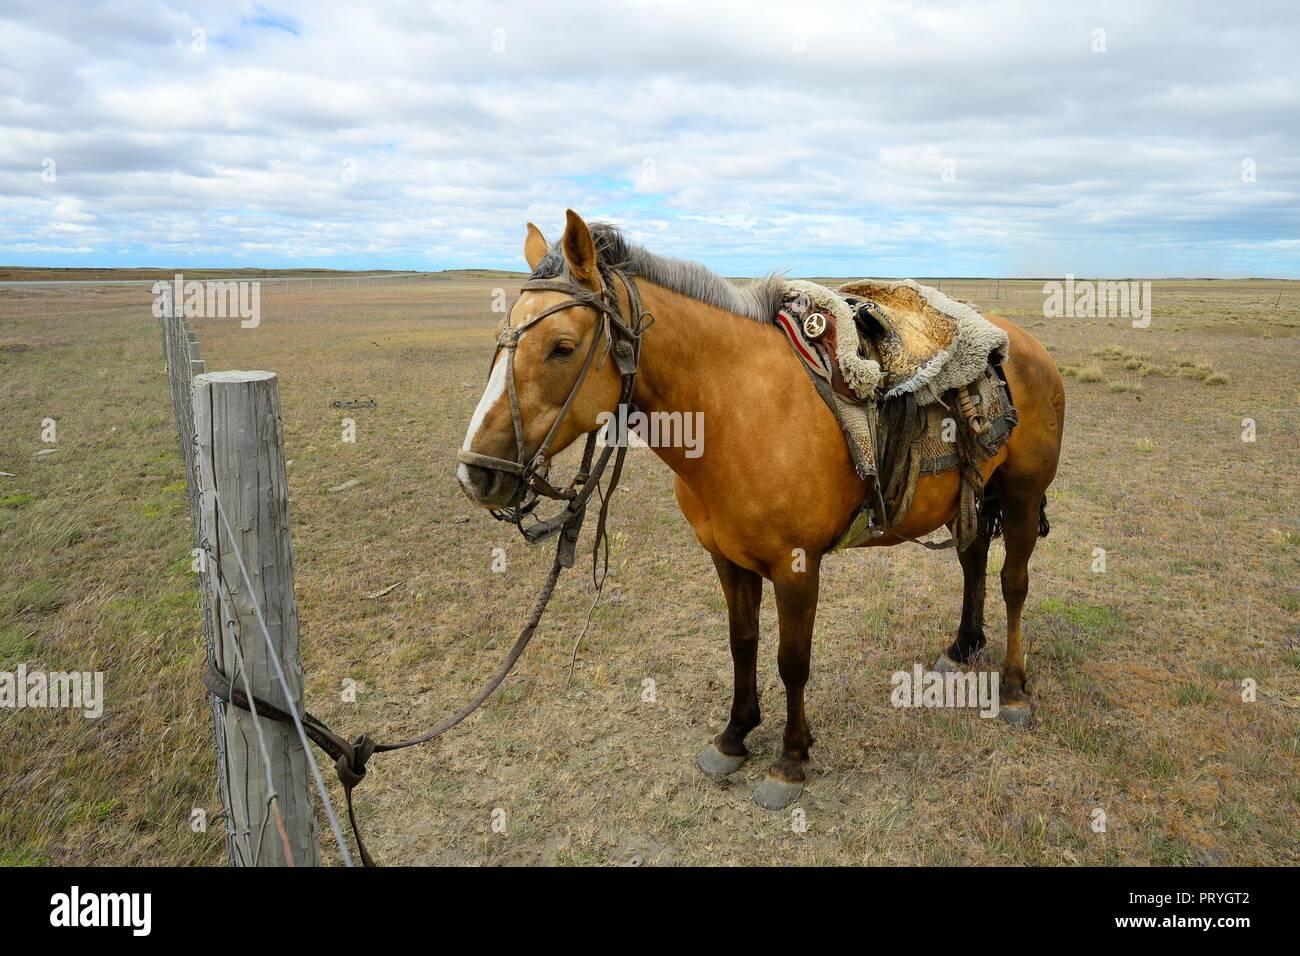 Tied, saddled horse, Tierra del Fuego province, Tierra del Fuego, Chile - Stock Image